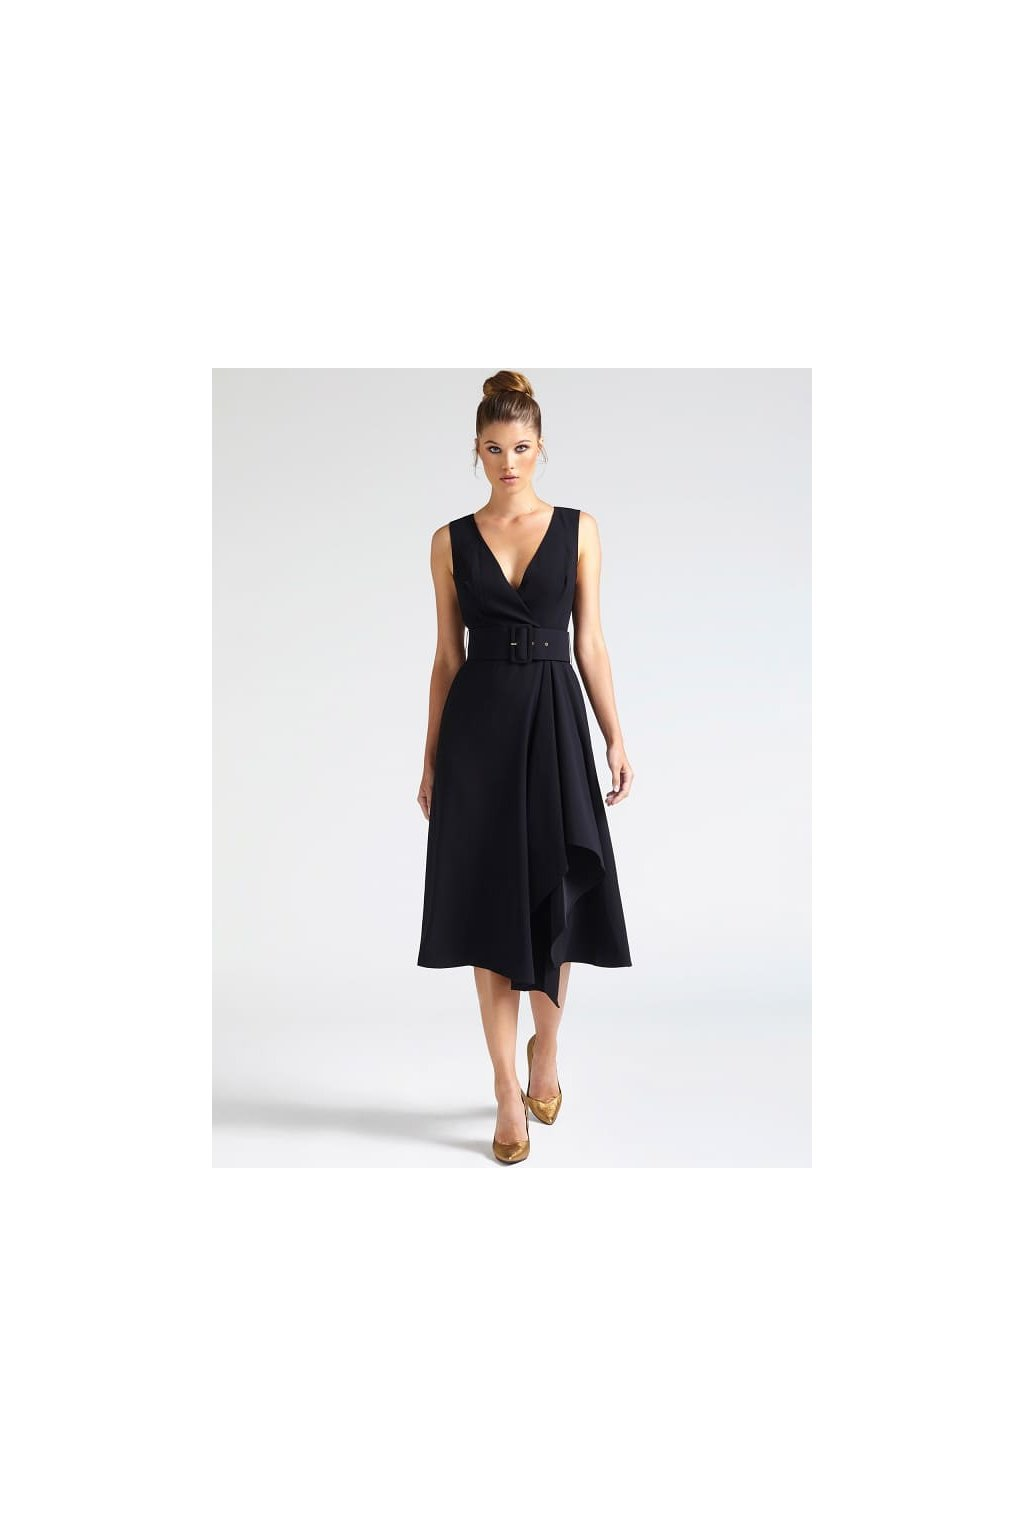 Dámské šaty Guess 84G7668177Z-JBLK